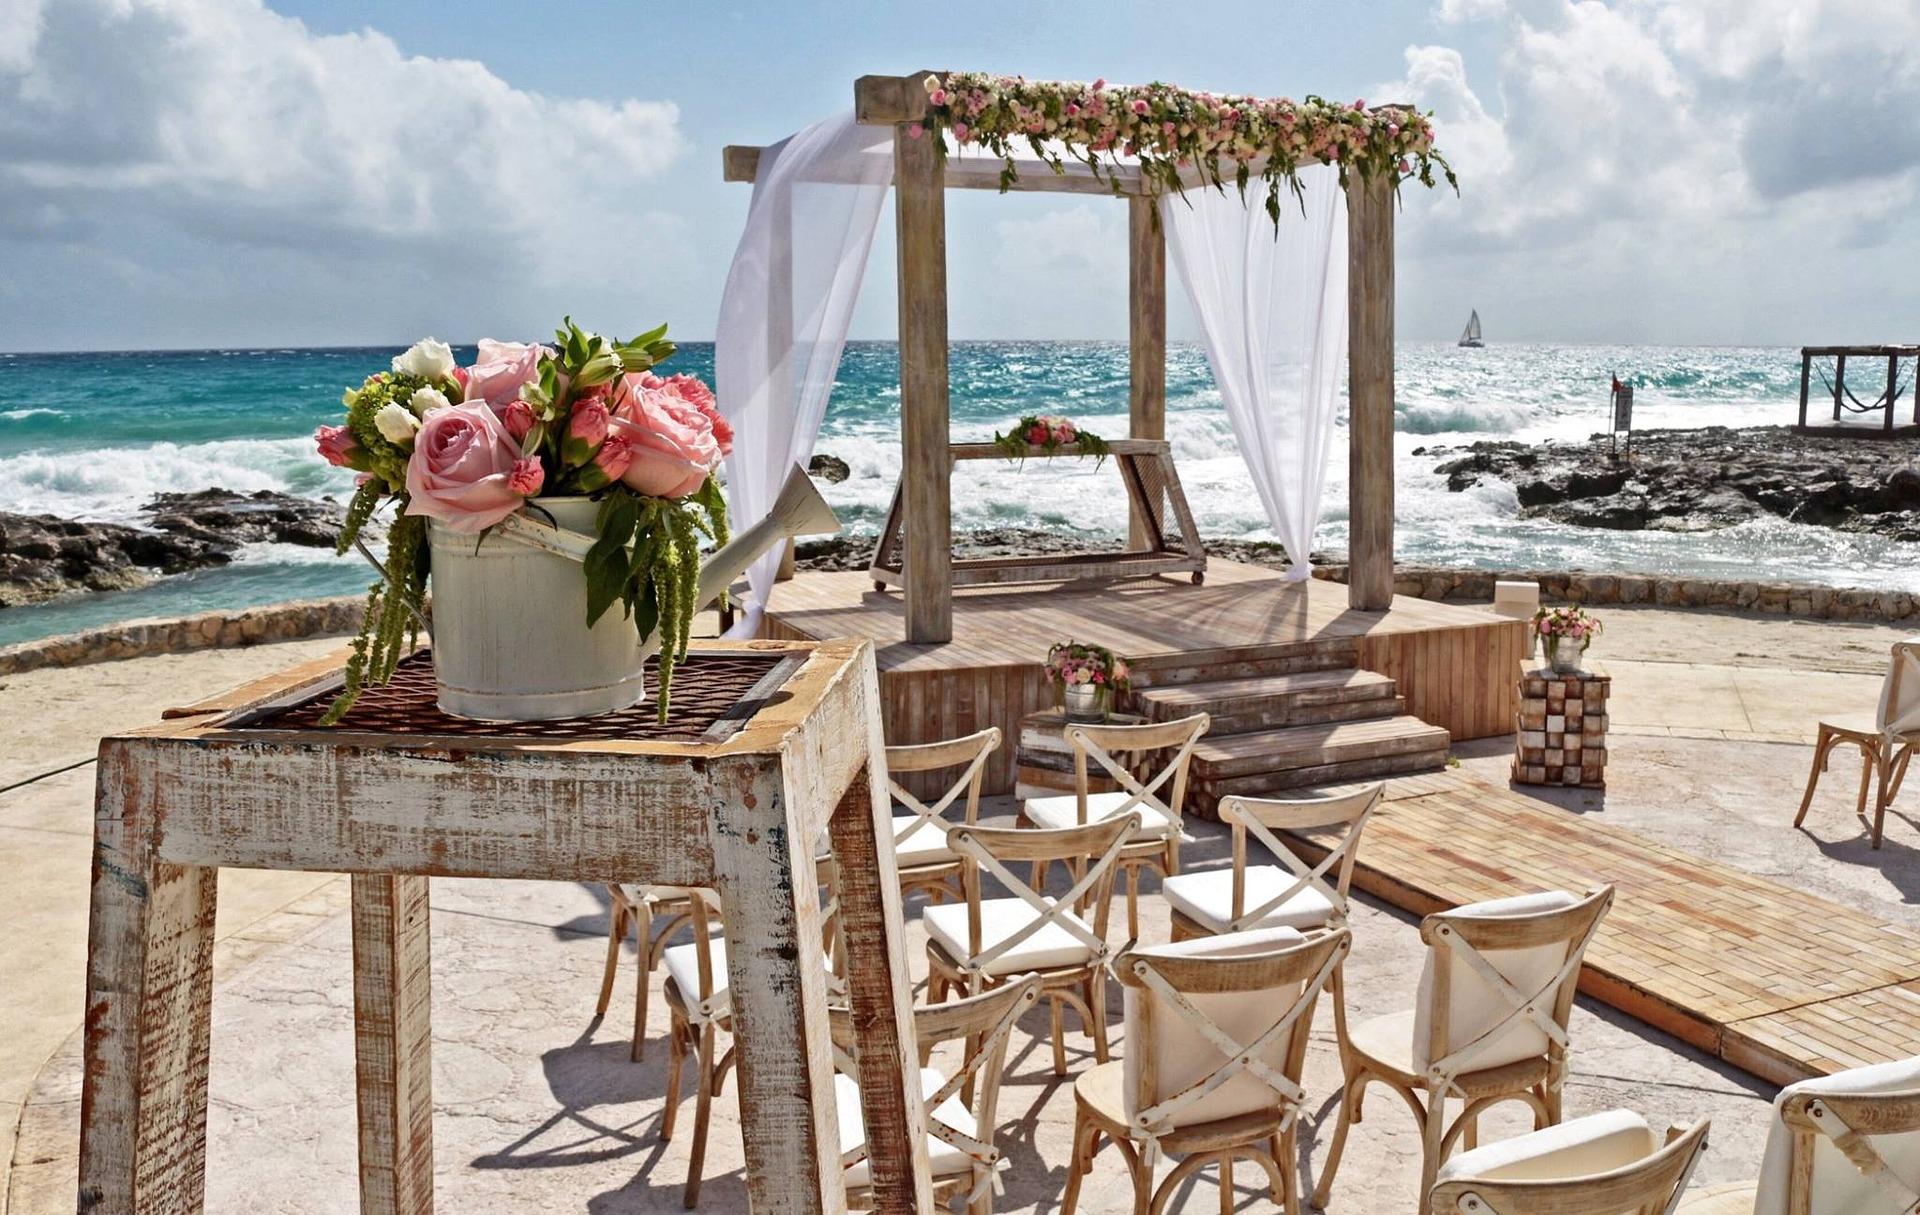 Cena svatby v zahraničí